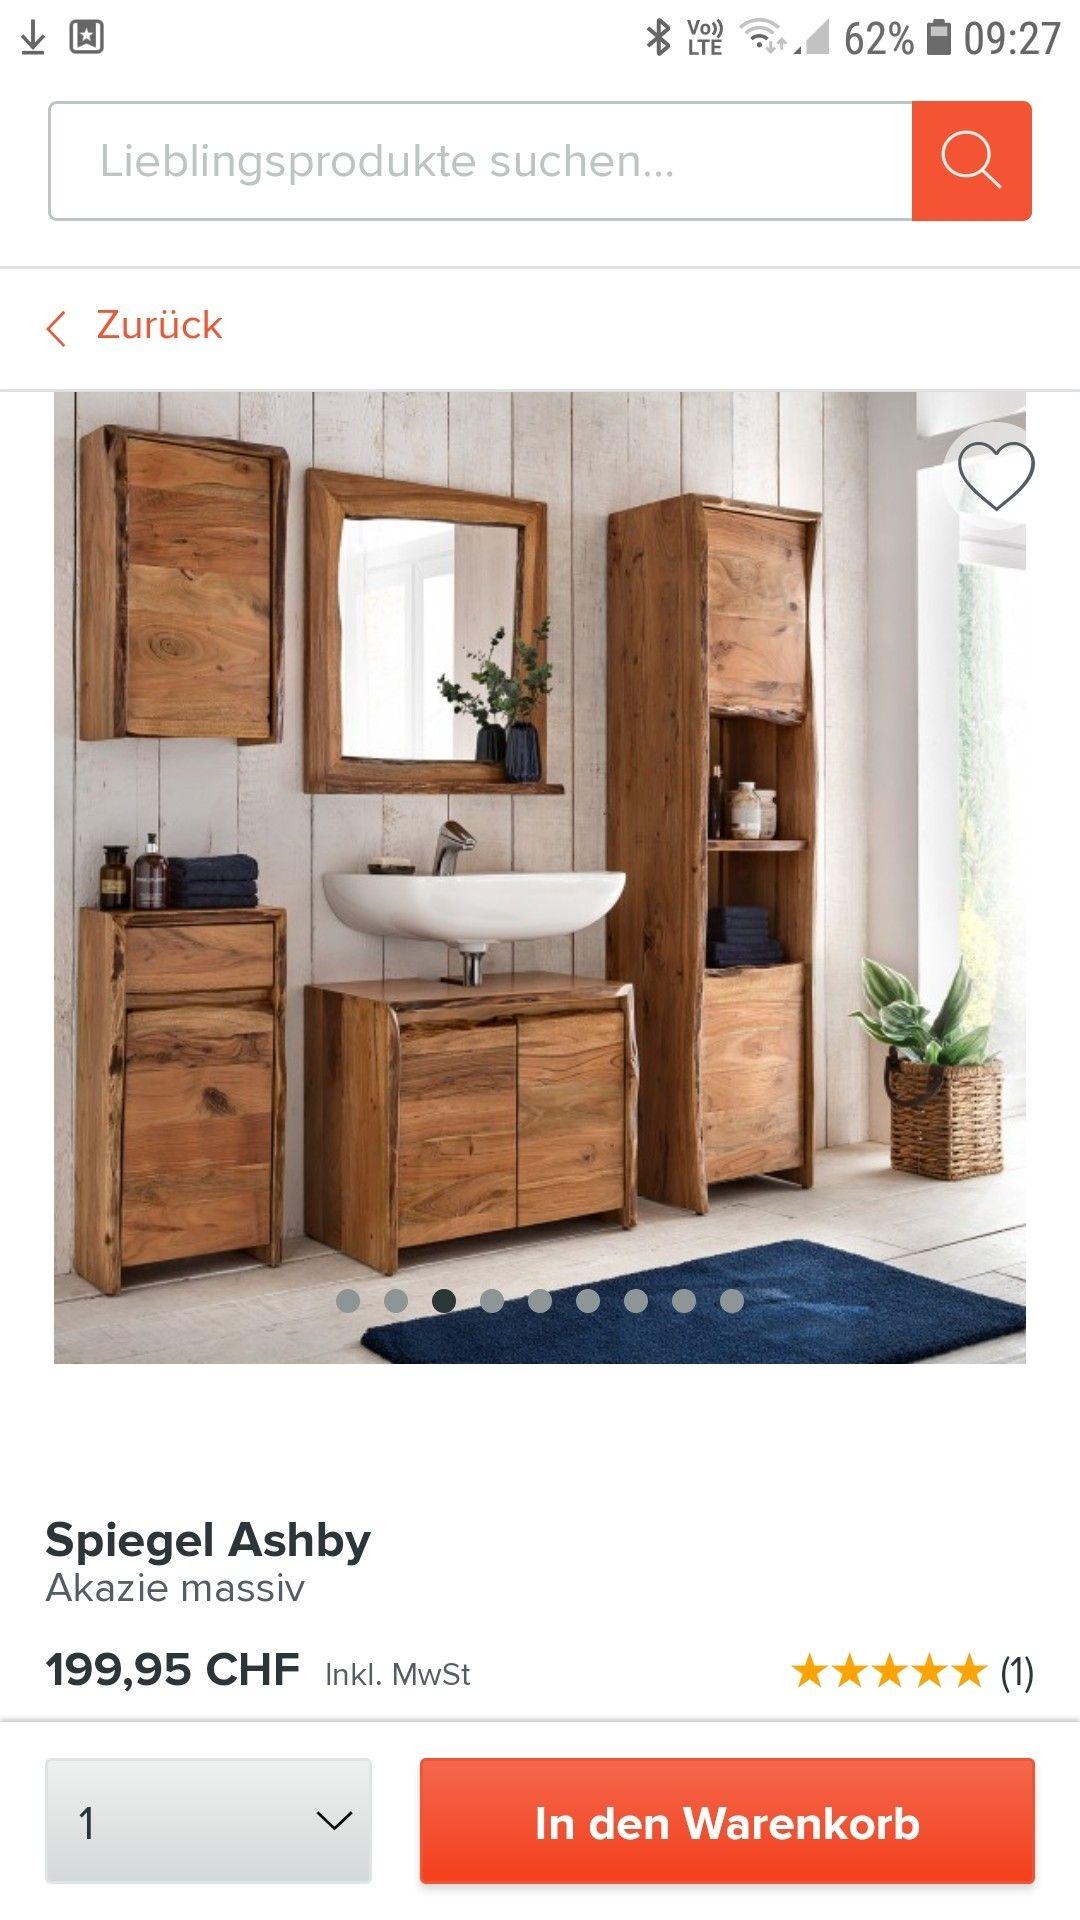 Pin von ame auf Möbel Korb, Produkt, Spiegel